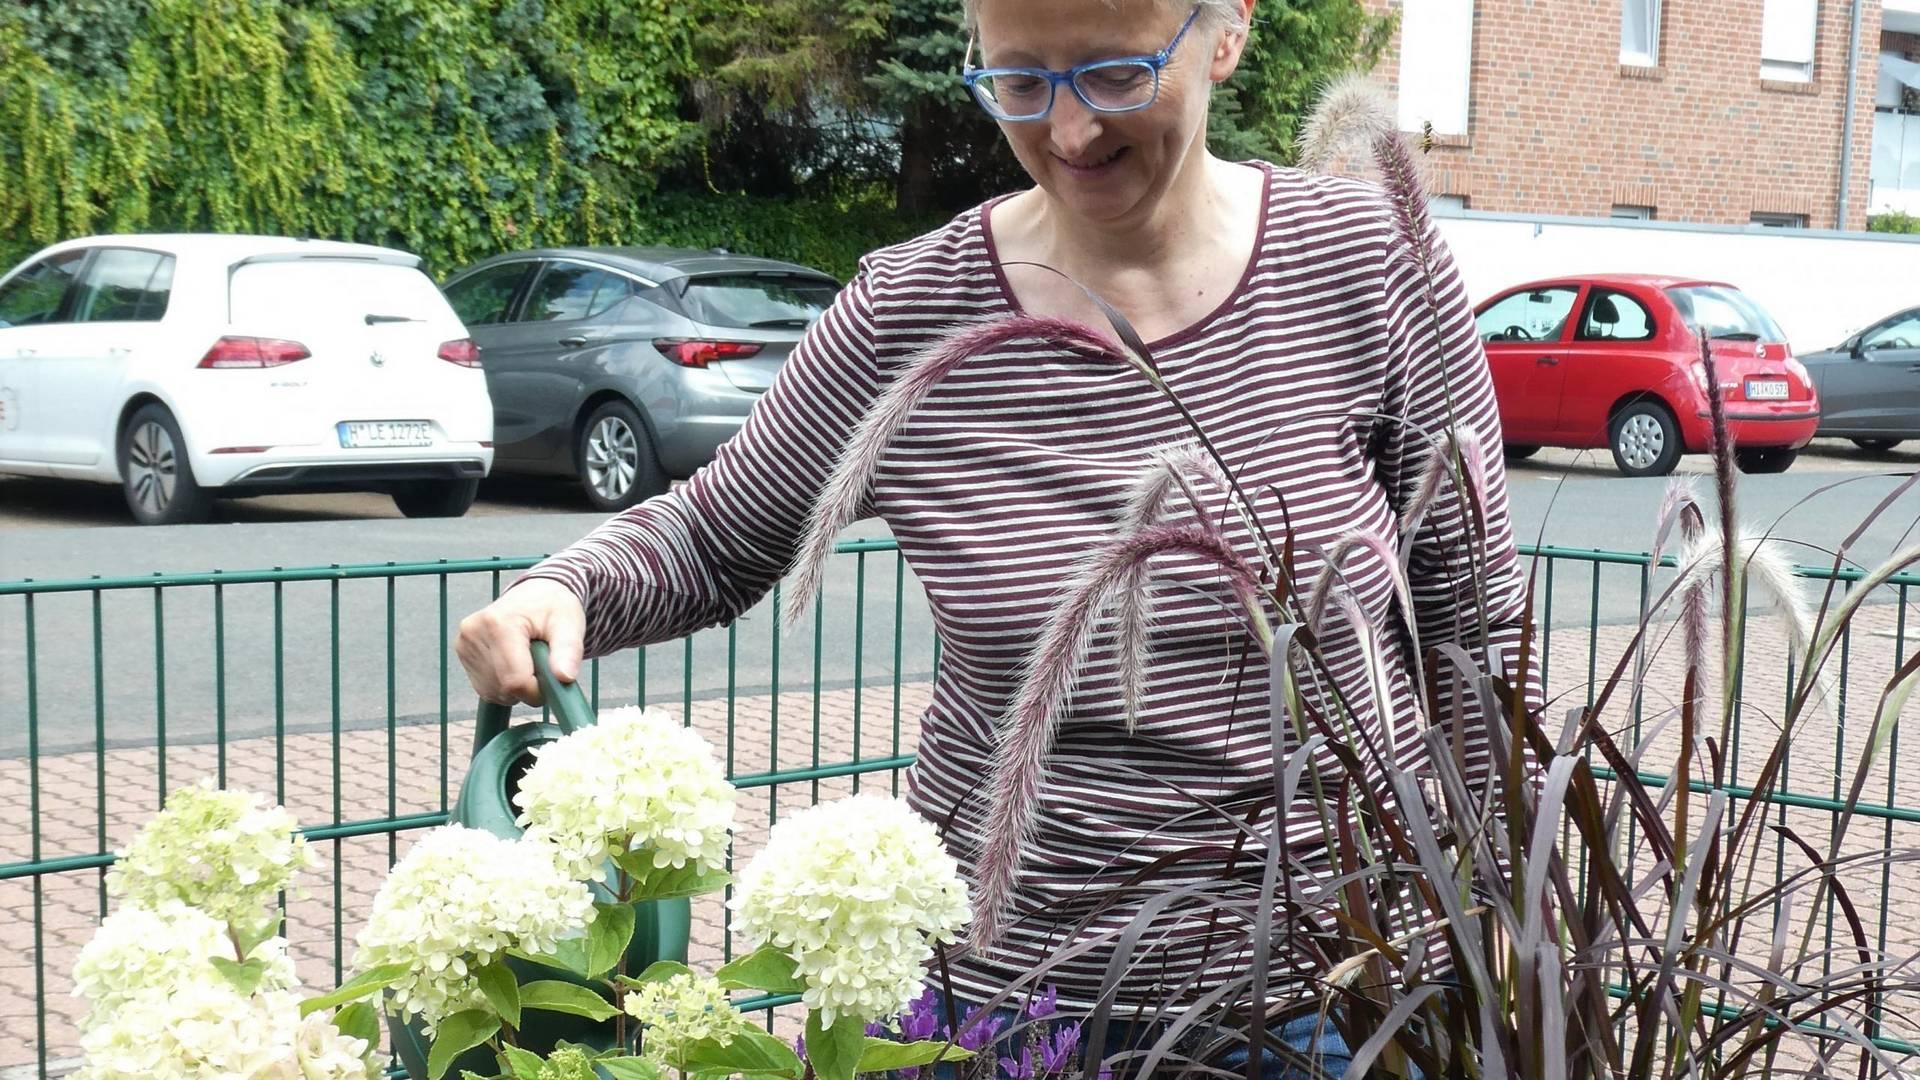 heilpraktikerin frau warnecke gießt die neuanpflanzung ausschnitt